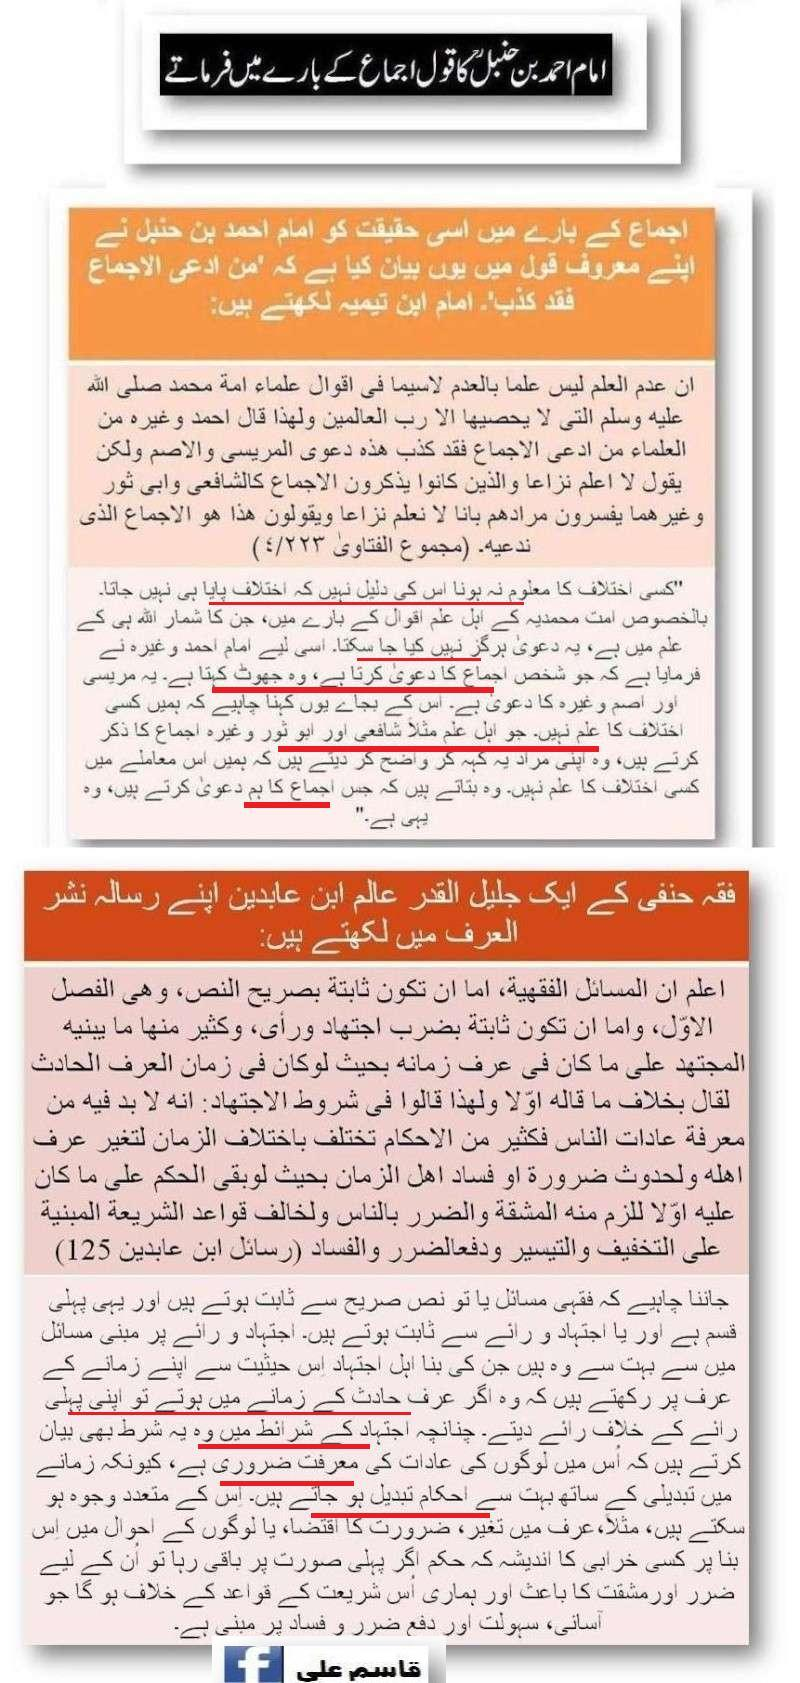 دیت کی جعلی فتوی فیکٹری پر منہاج القرآن کی فتح کا جھنڈا - Page 2 Qasim710